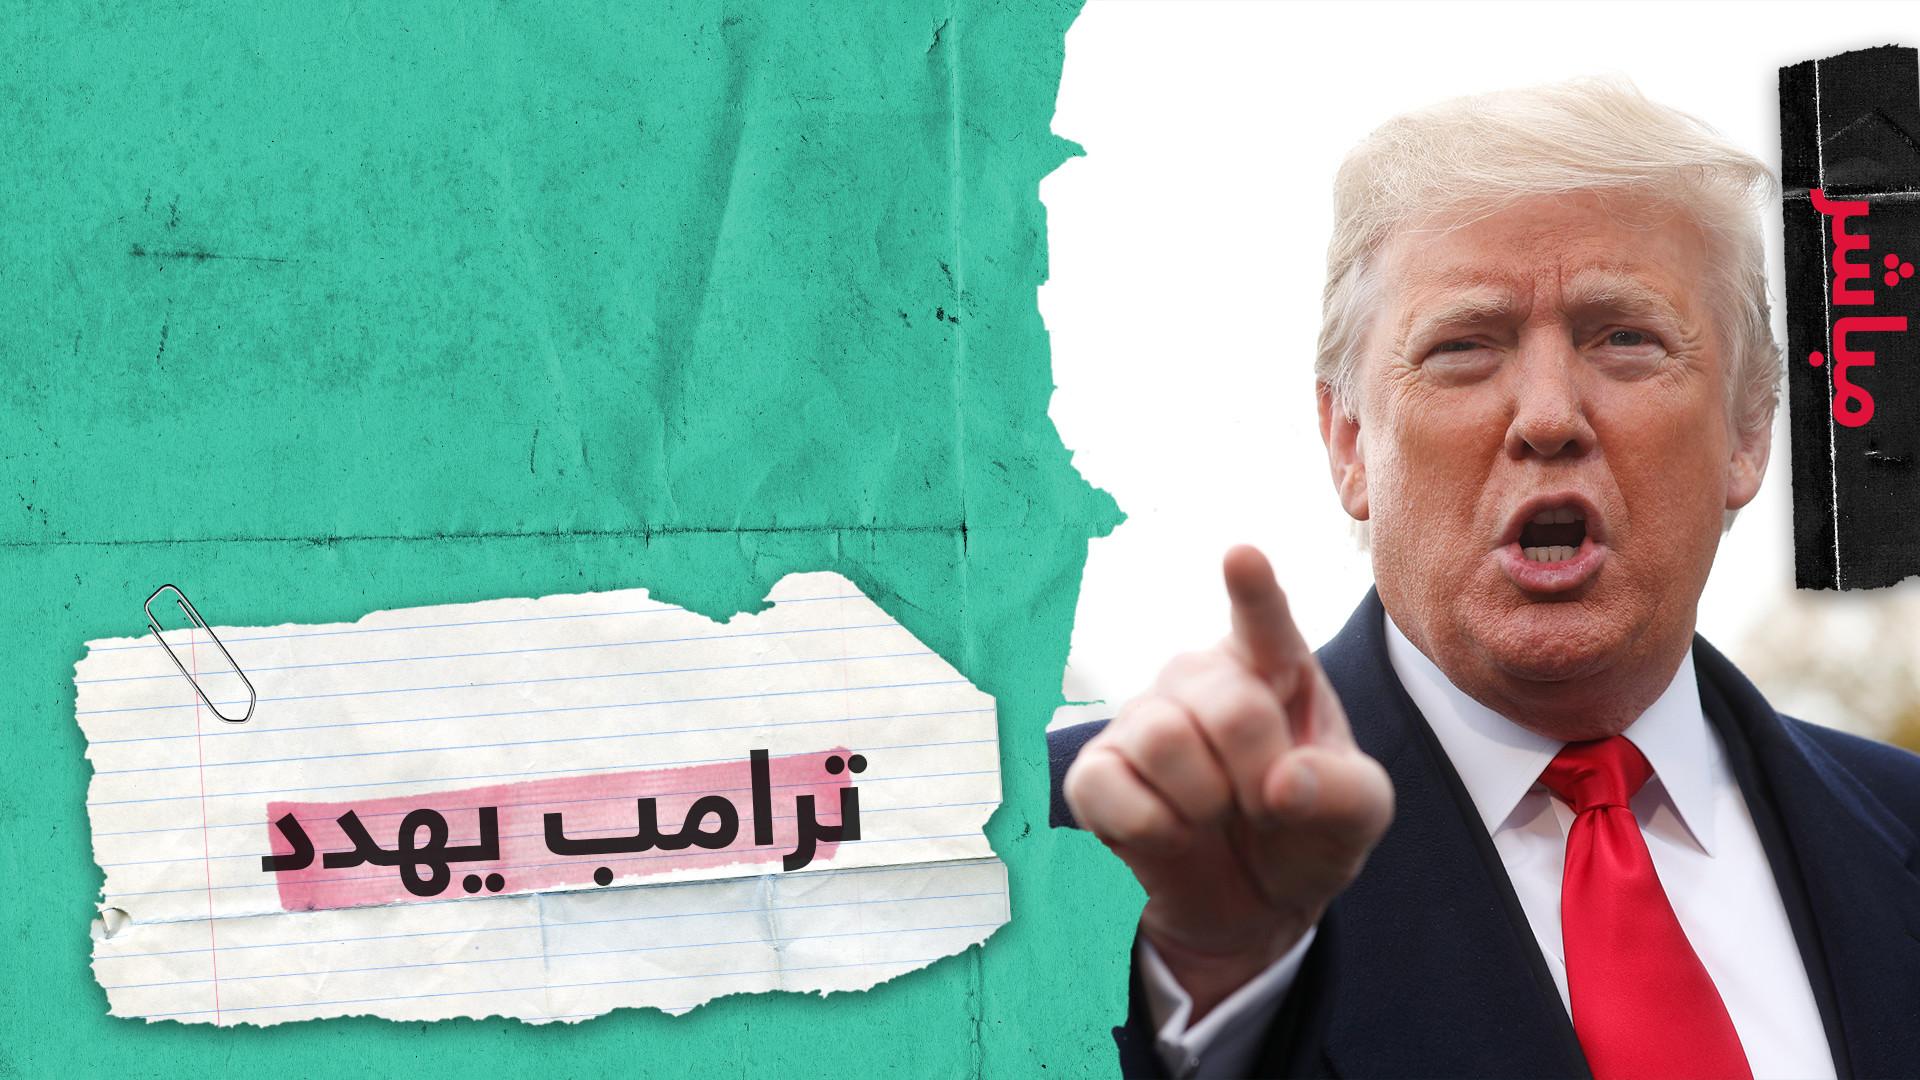 مباشر..ترامب يهدد 30 دولة في 30 يوما!